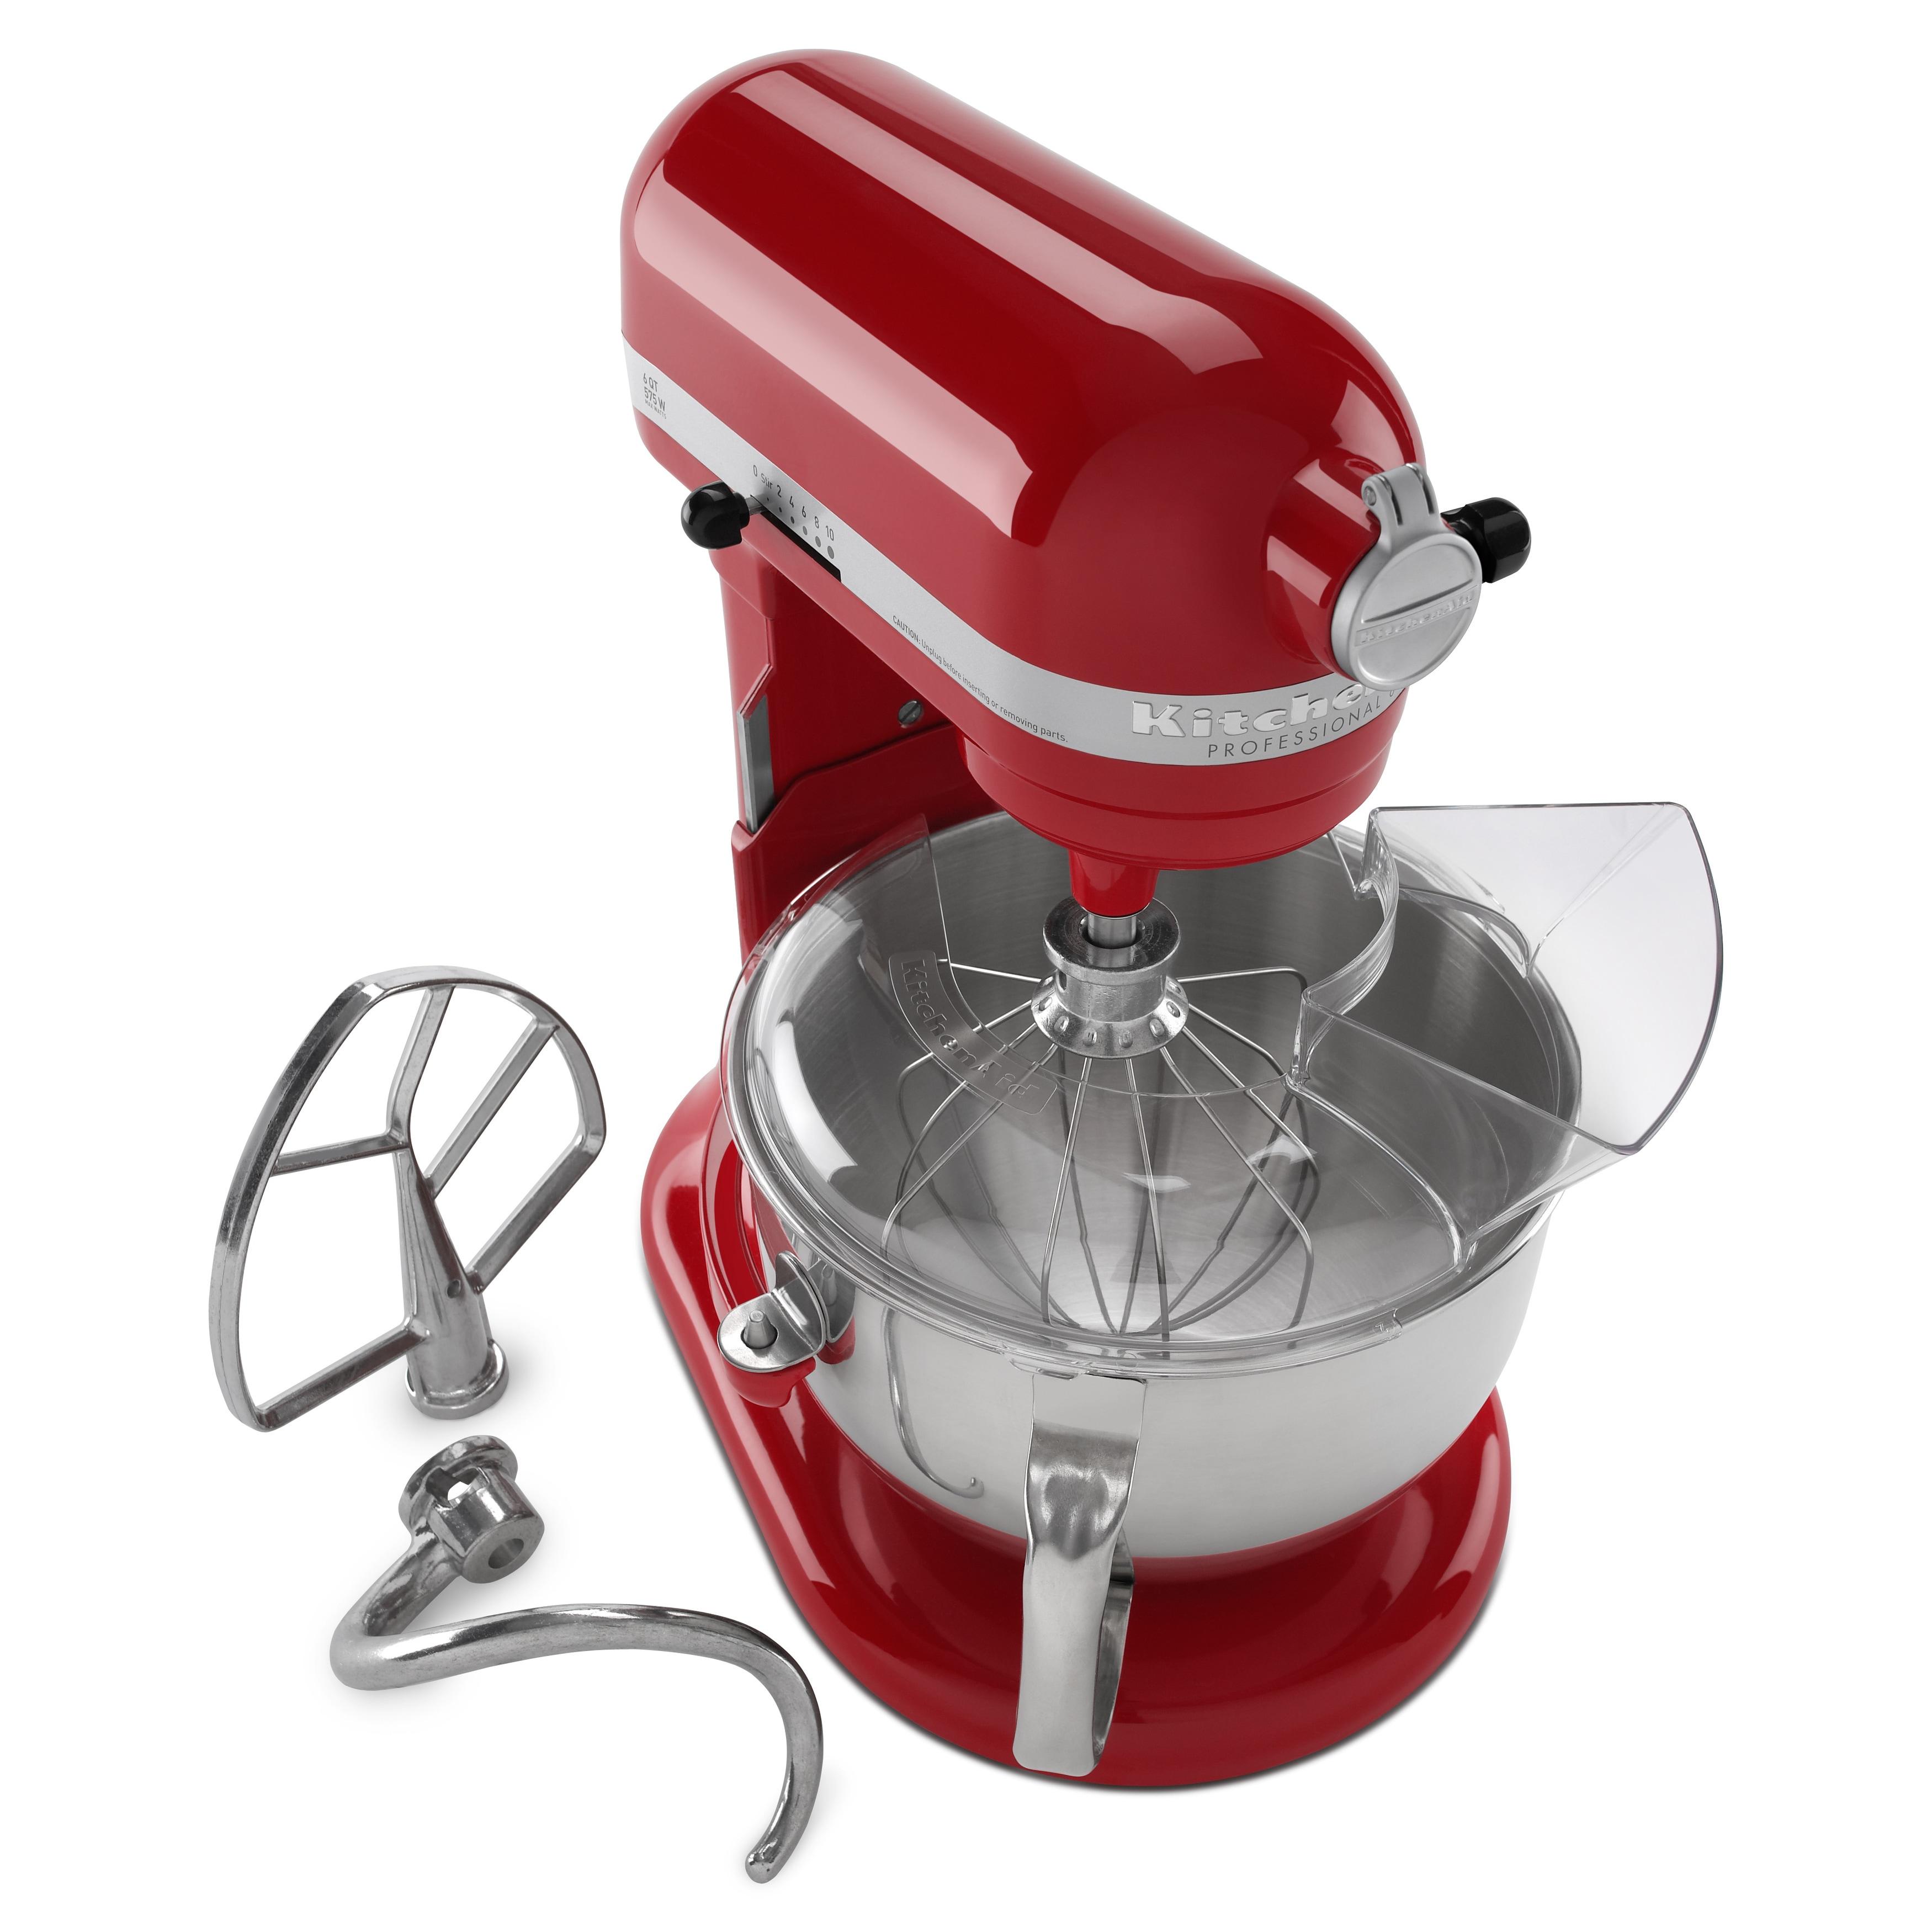 shop kitchenaid rkp26m1x 6 quart pro 600 stand mixer refurbished